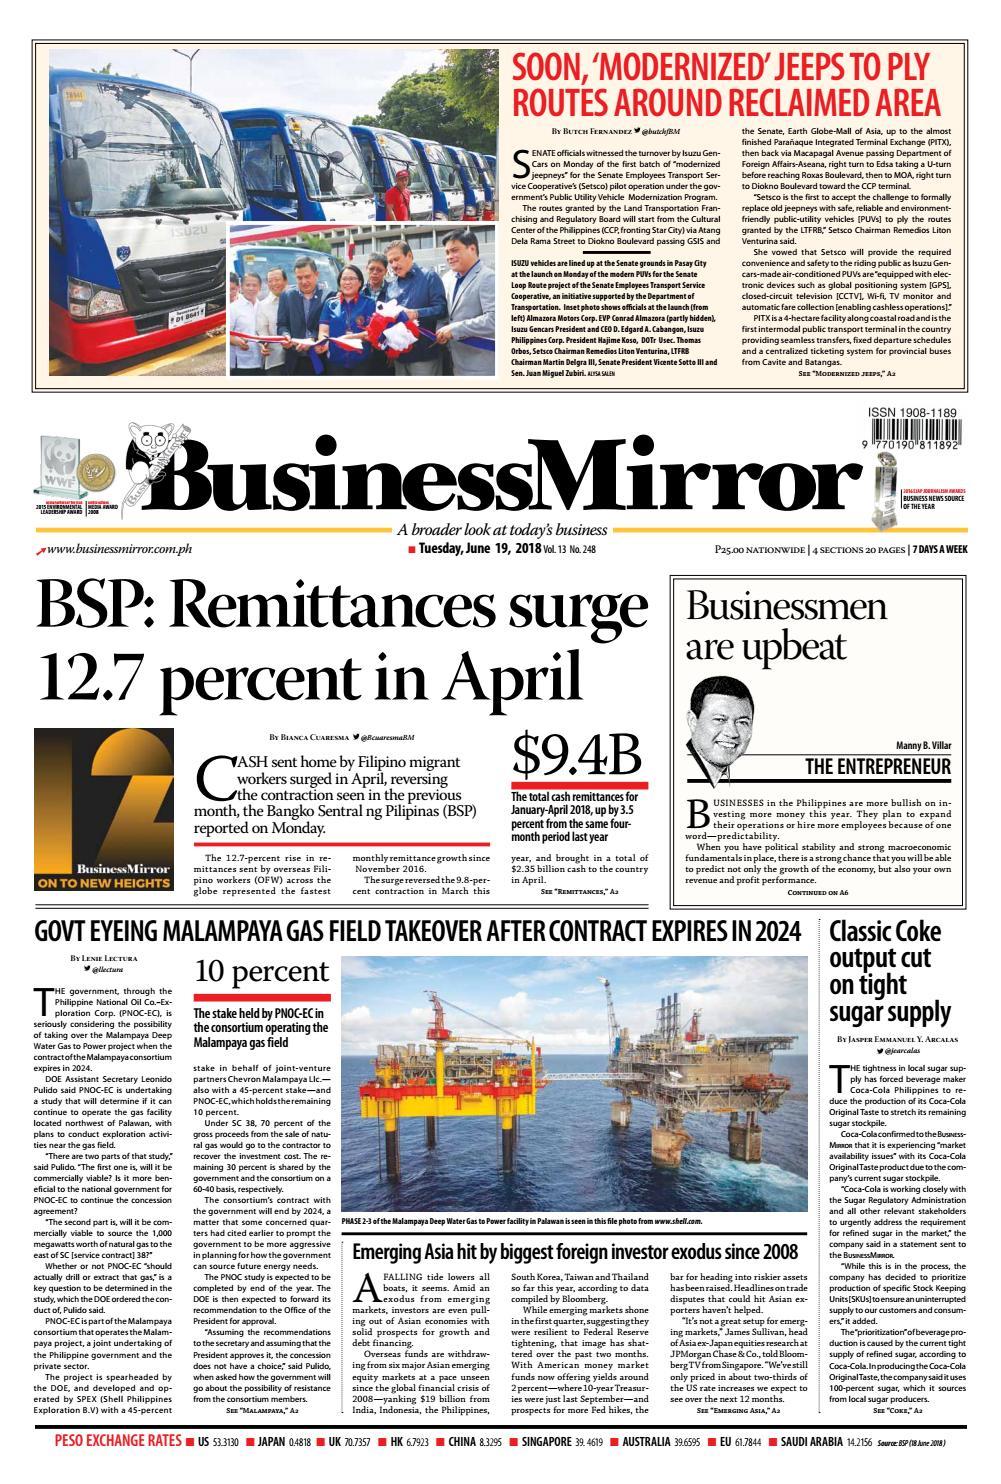 Businessmirror june 19, 2018 by BusinessMirror - issuu